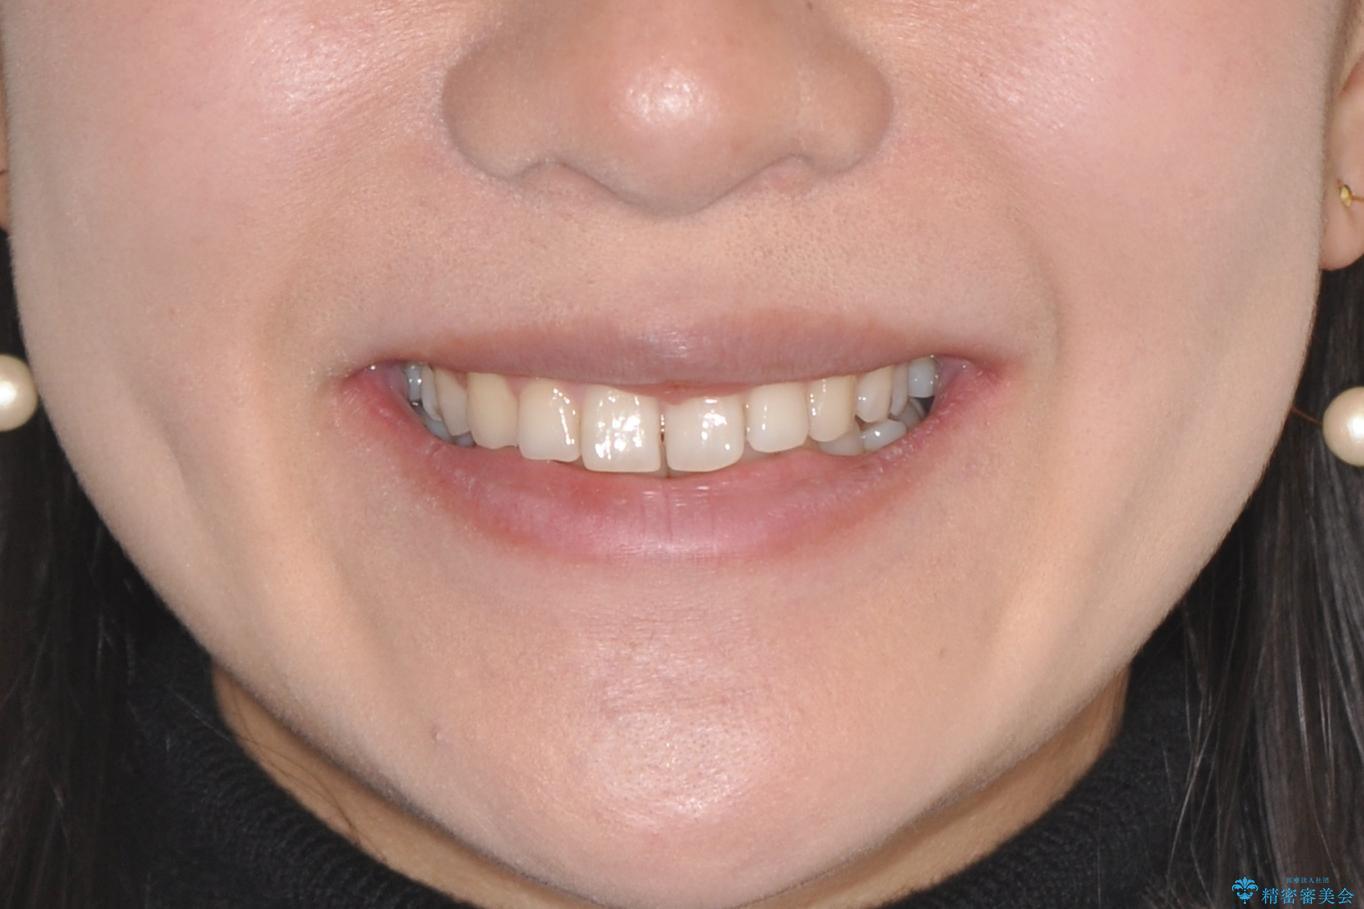 【インビザライン】前歯のガタガタを綺麗にしたい。の治療前(顔貌)